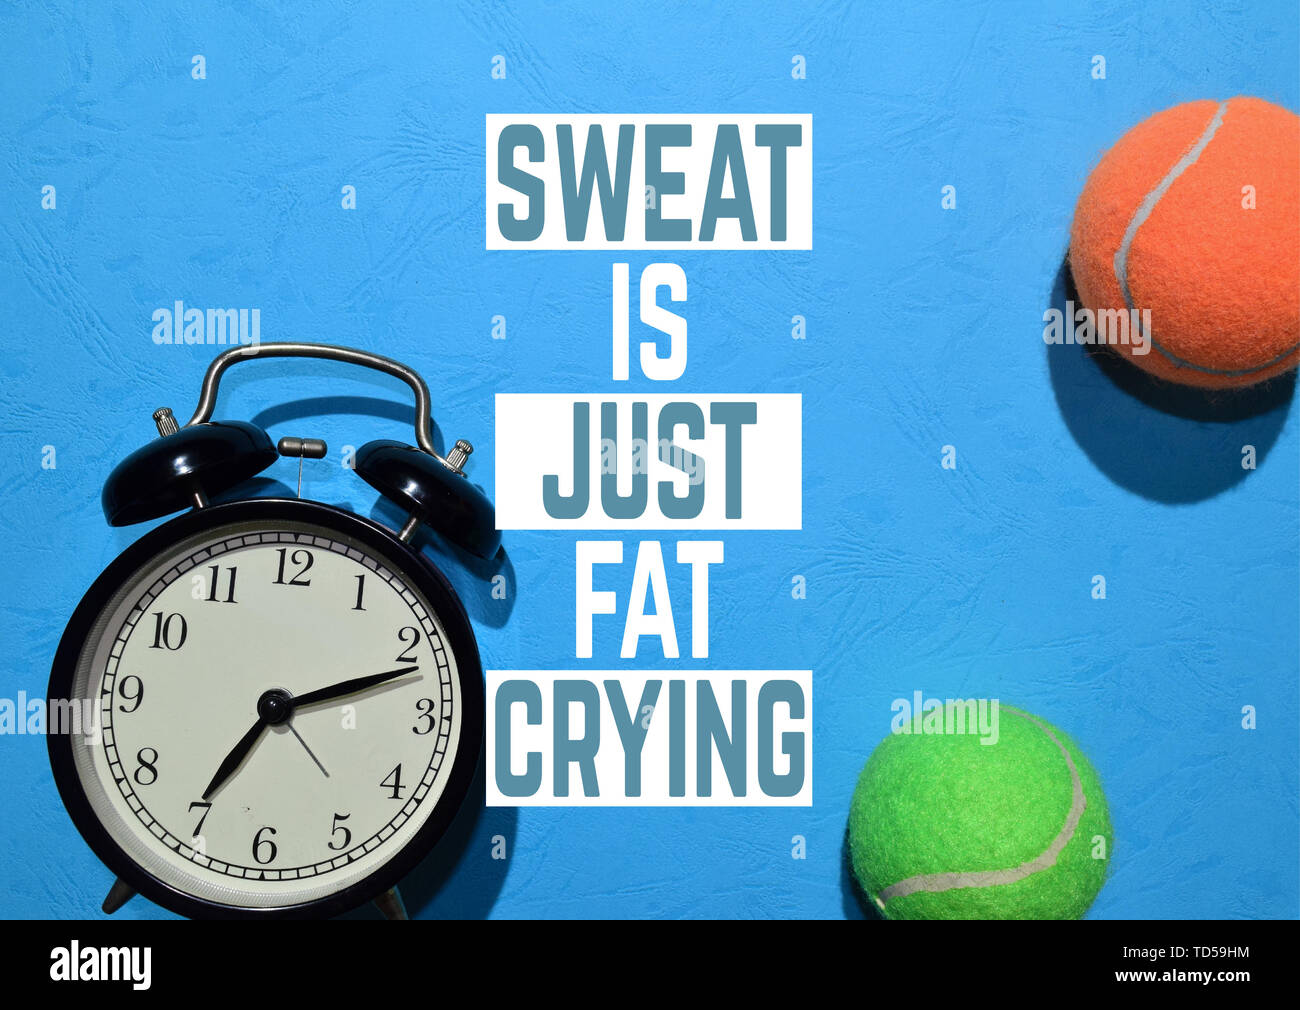 Schweiss Ist Nur Fett Schreien Fitness Motivation Zitate Sport Konzept Stockfotografie Alamy